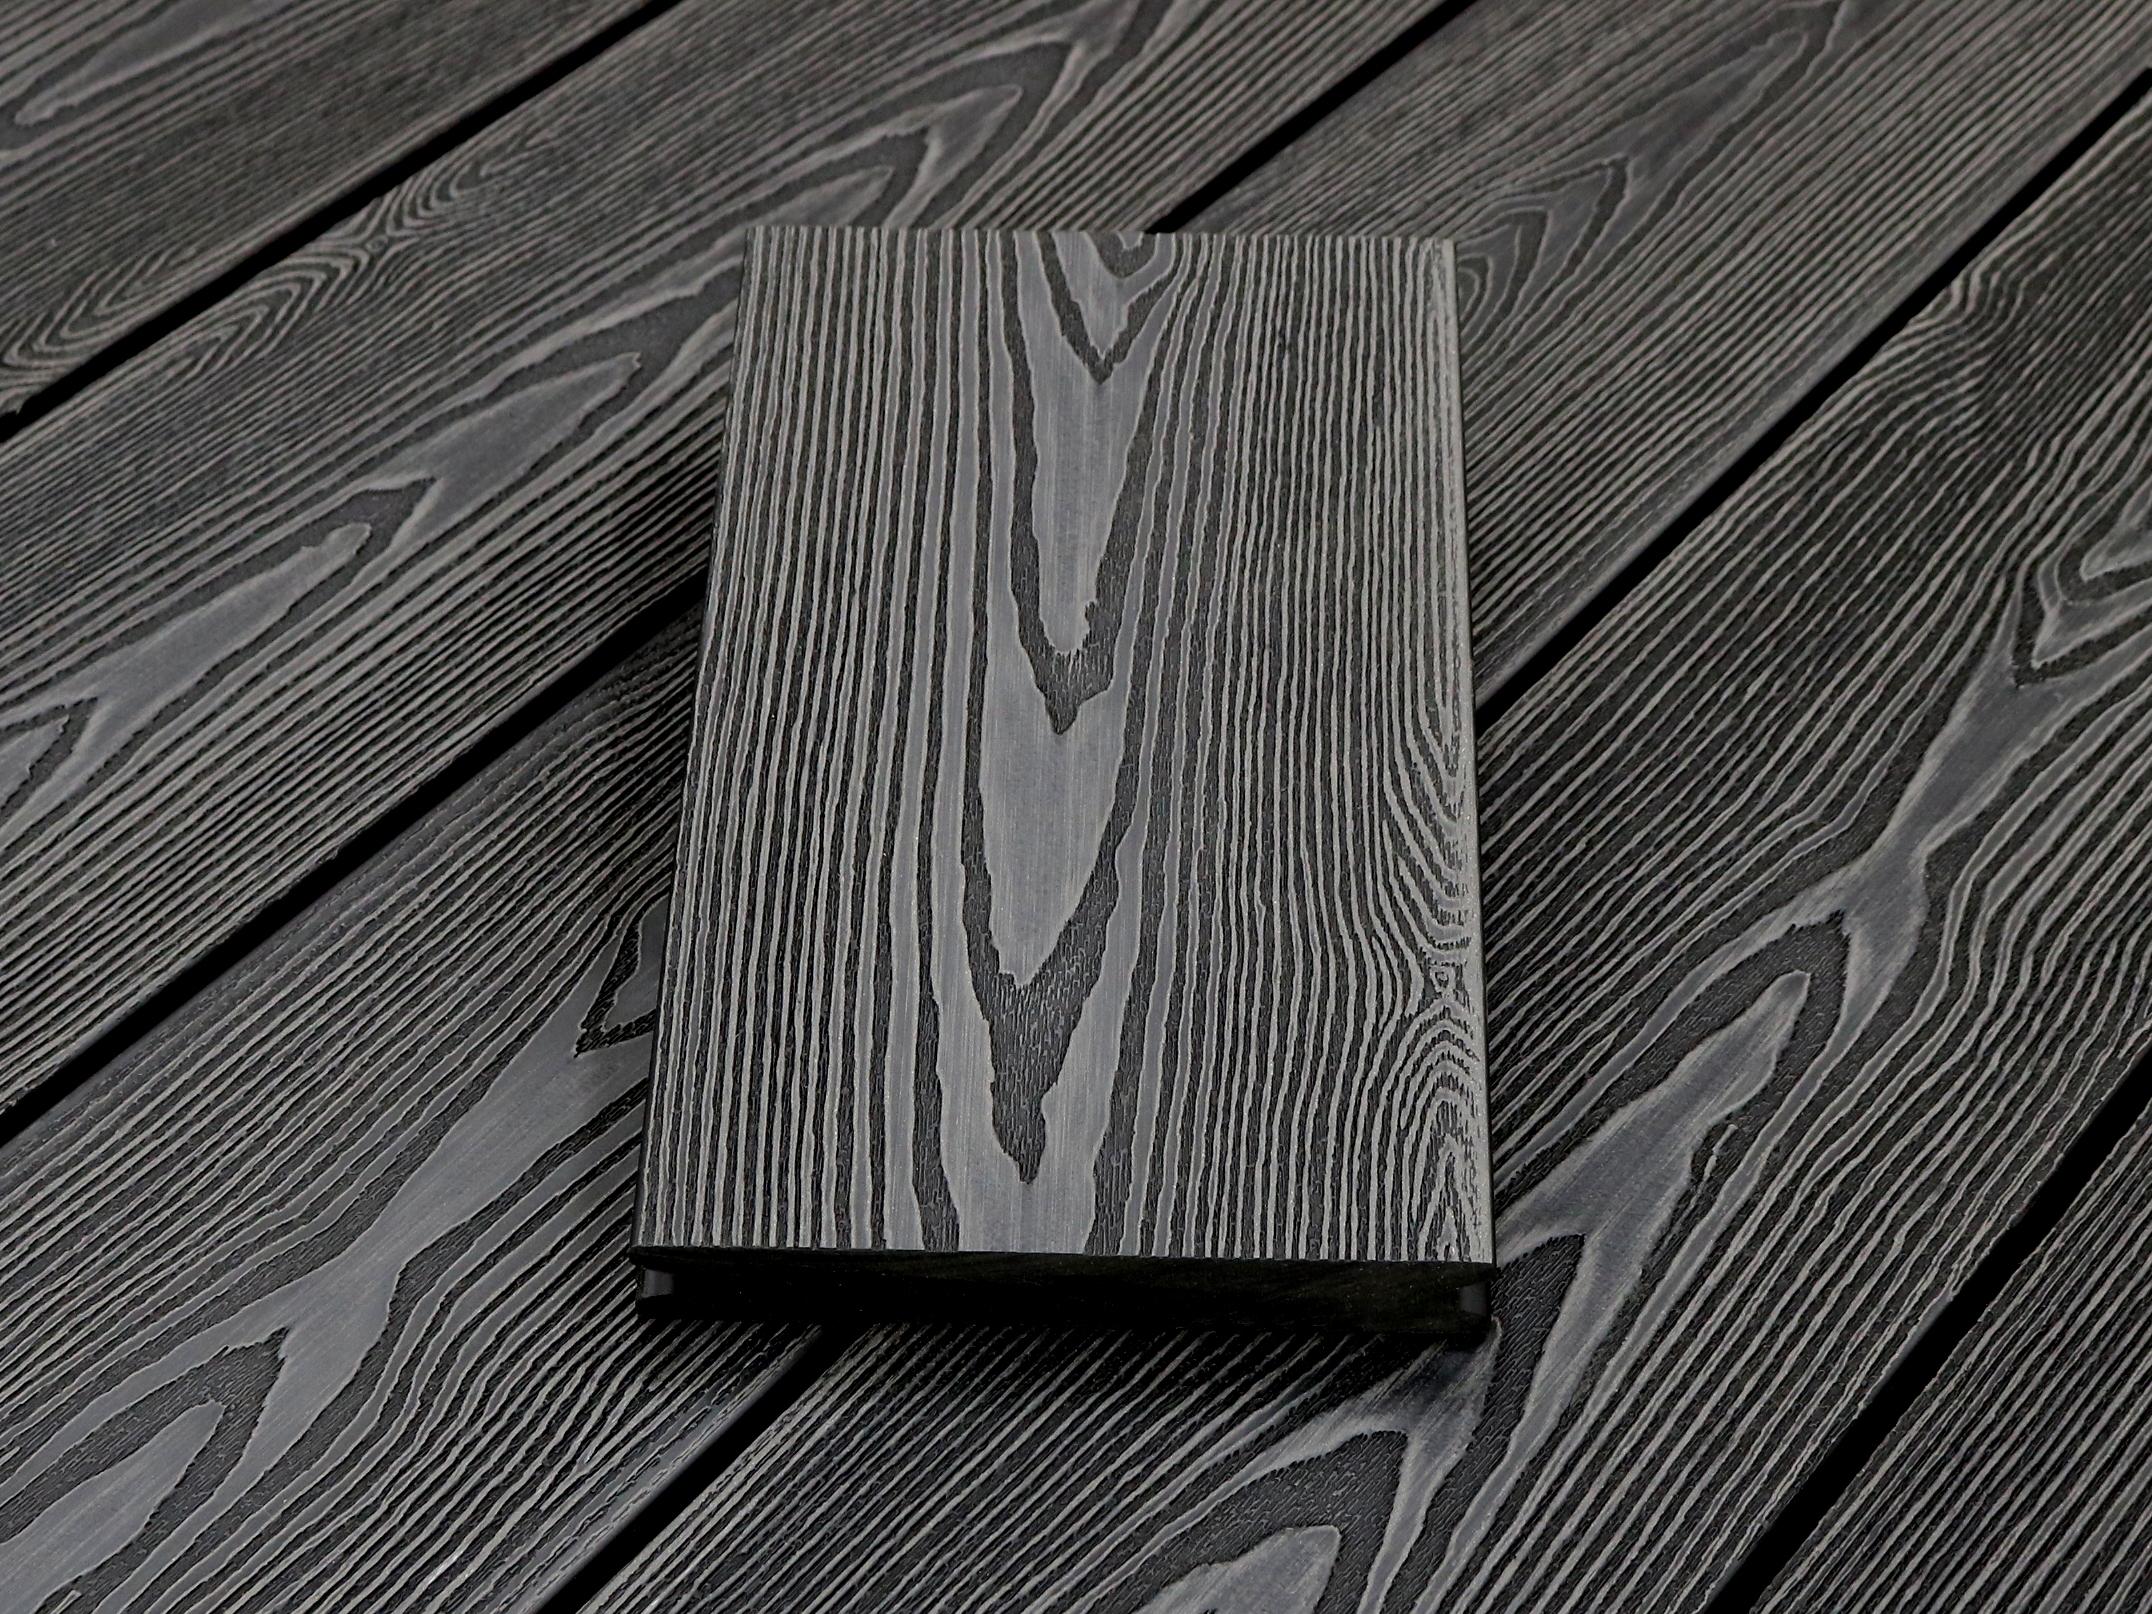 WPC Terrassendielen massiv, Oberfläche mit 3D Struktur in Holzoptik, Farbton dunkelgrau, Vollprofil, 22 x 143 bis 4800 mm für 7,95 €/lfm